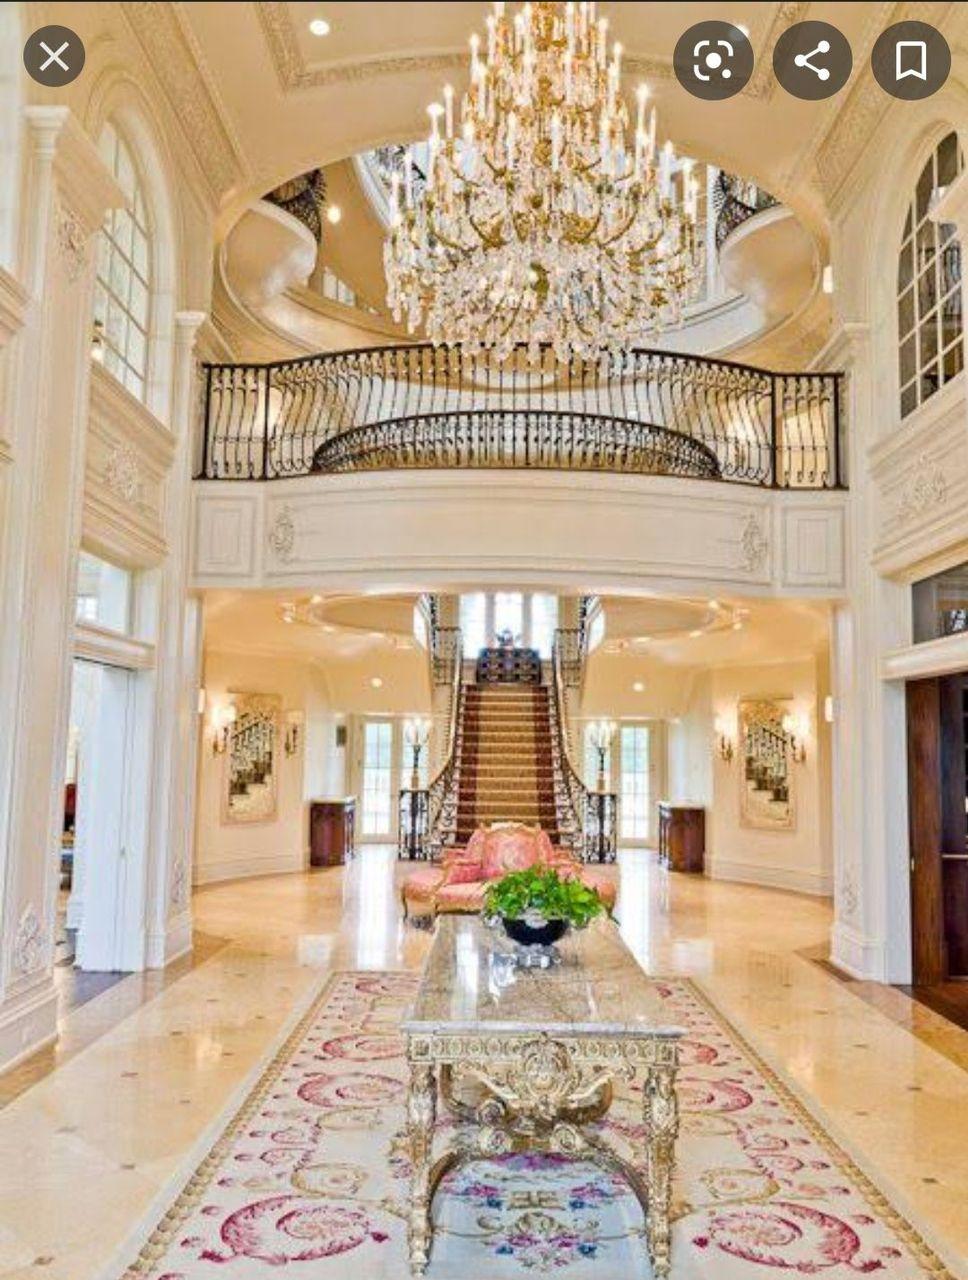 हॉल और सीढ़ी